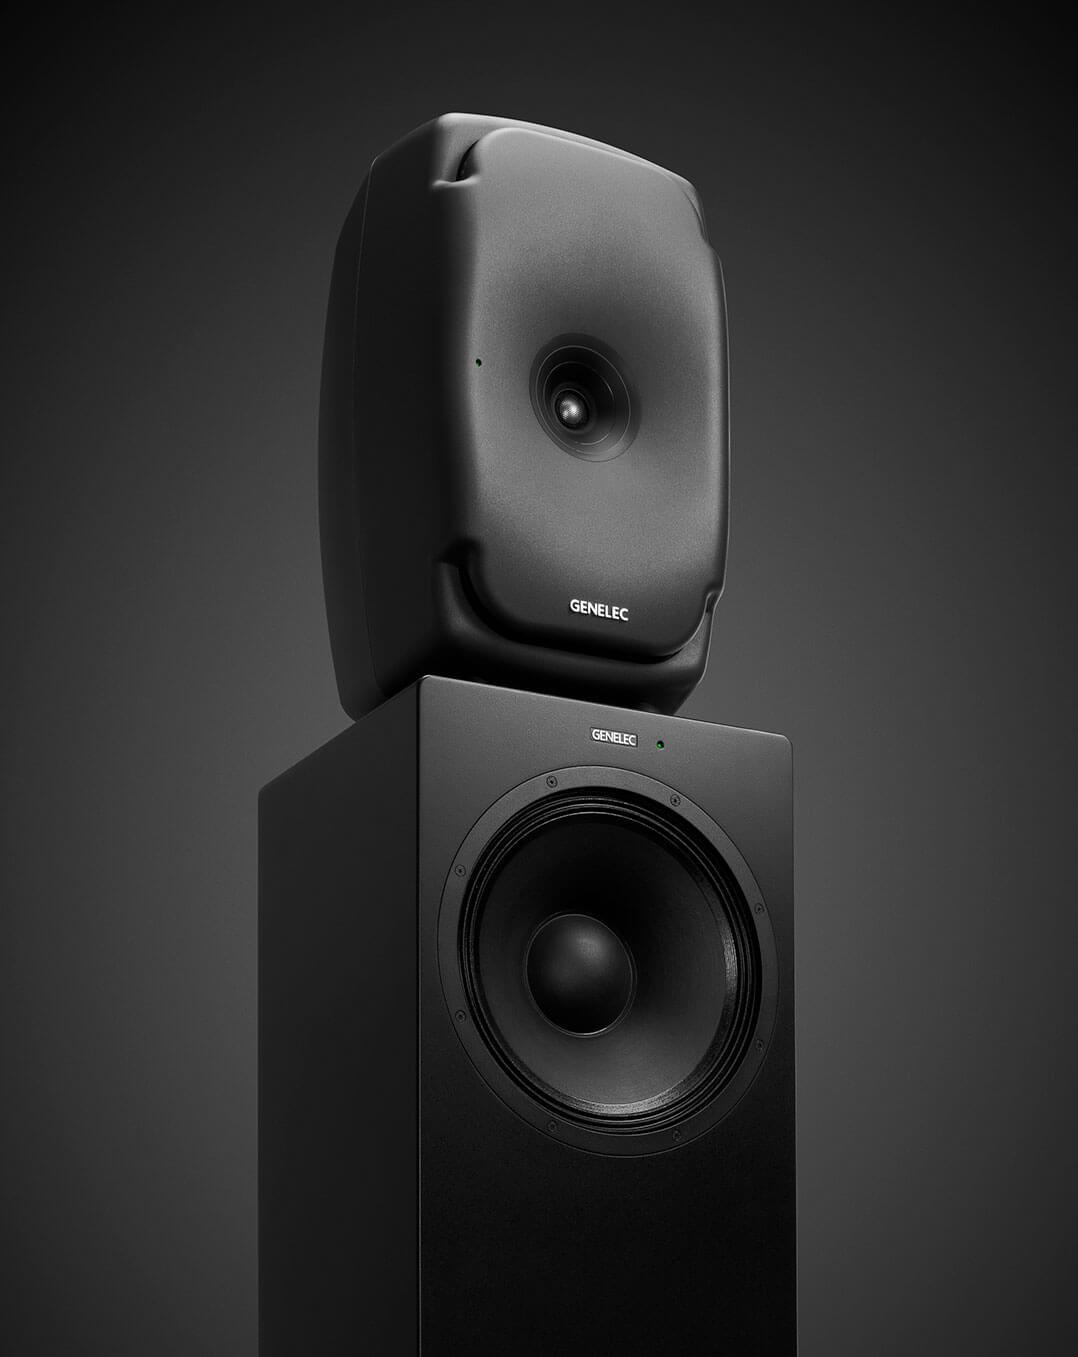 """Wer zusätzlichen Tieftonbedarf verspüren sollte: Genelec bietet mit den W371A entsprechende Unterstützung. Praktischerweise kommen diese """"adaptiven Woofer-Systeme"""", wie die Finnen sie nennen, im Format von Lautsprecherständern und dementsprechend für Stereo-Systeme immer paarweise"""